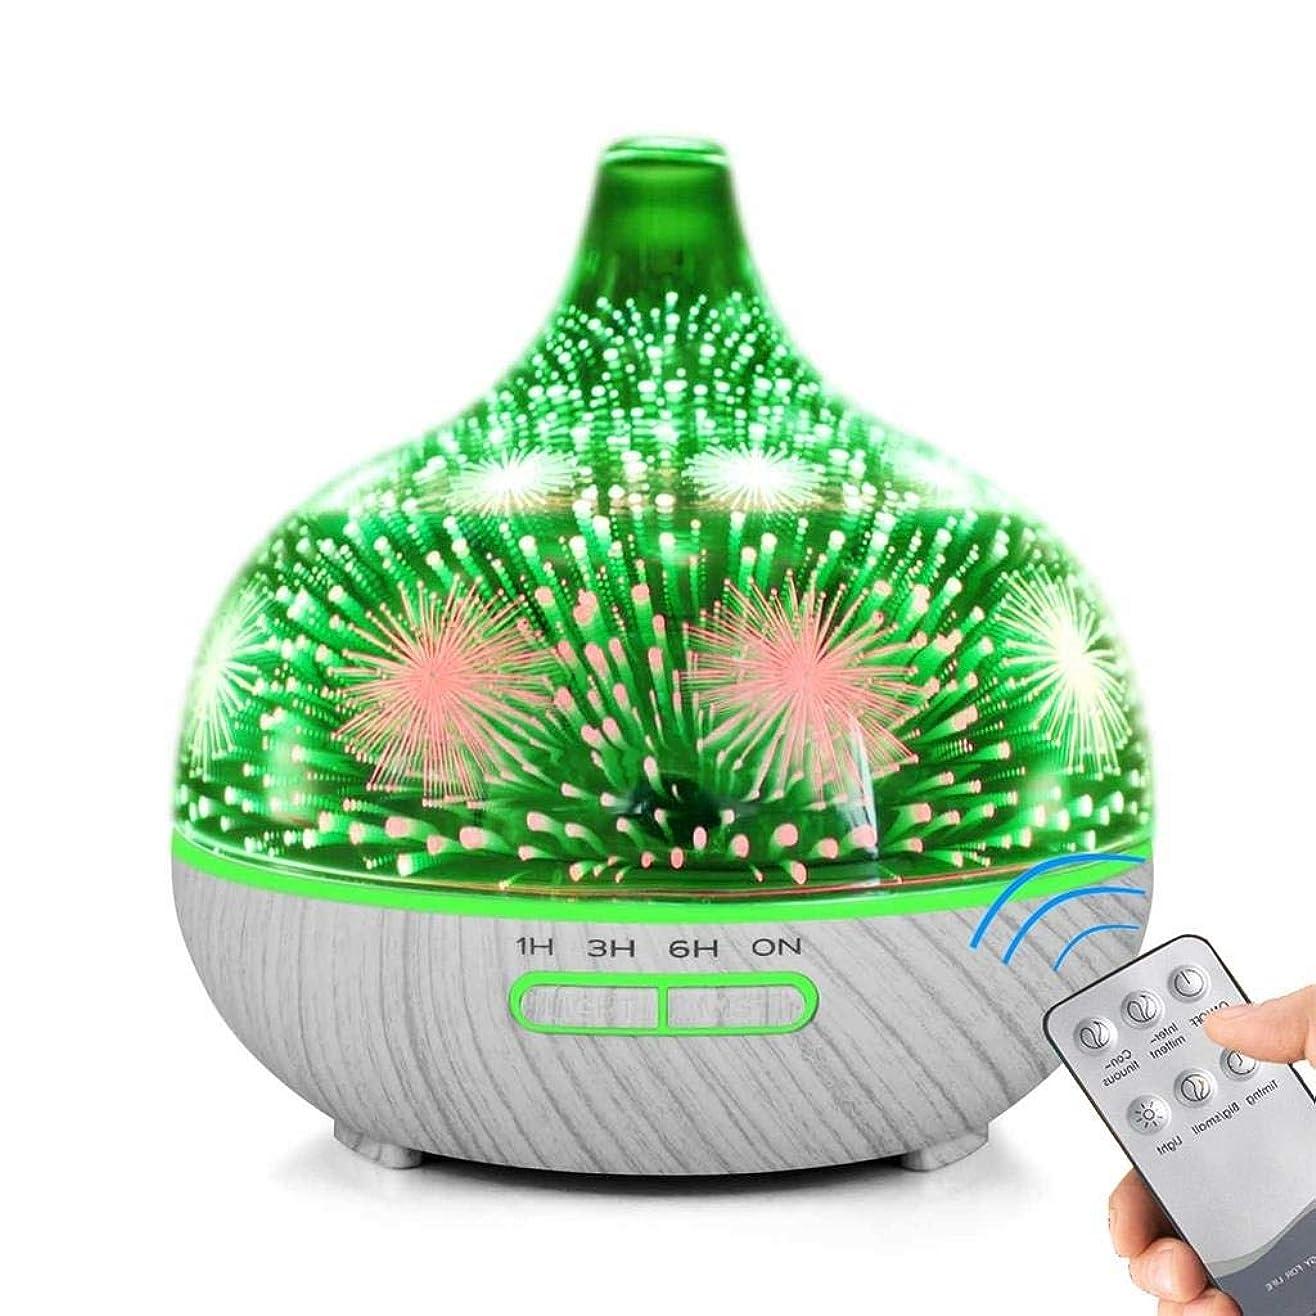 ネブライザー式 アロマライト アロマディフューザー 車内や家庭で使用 (Color : C)